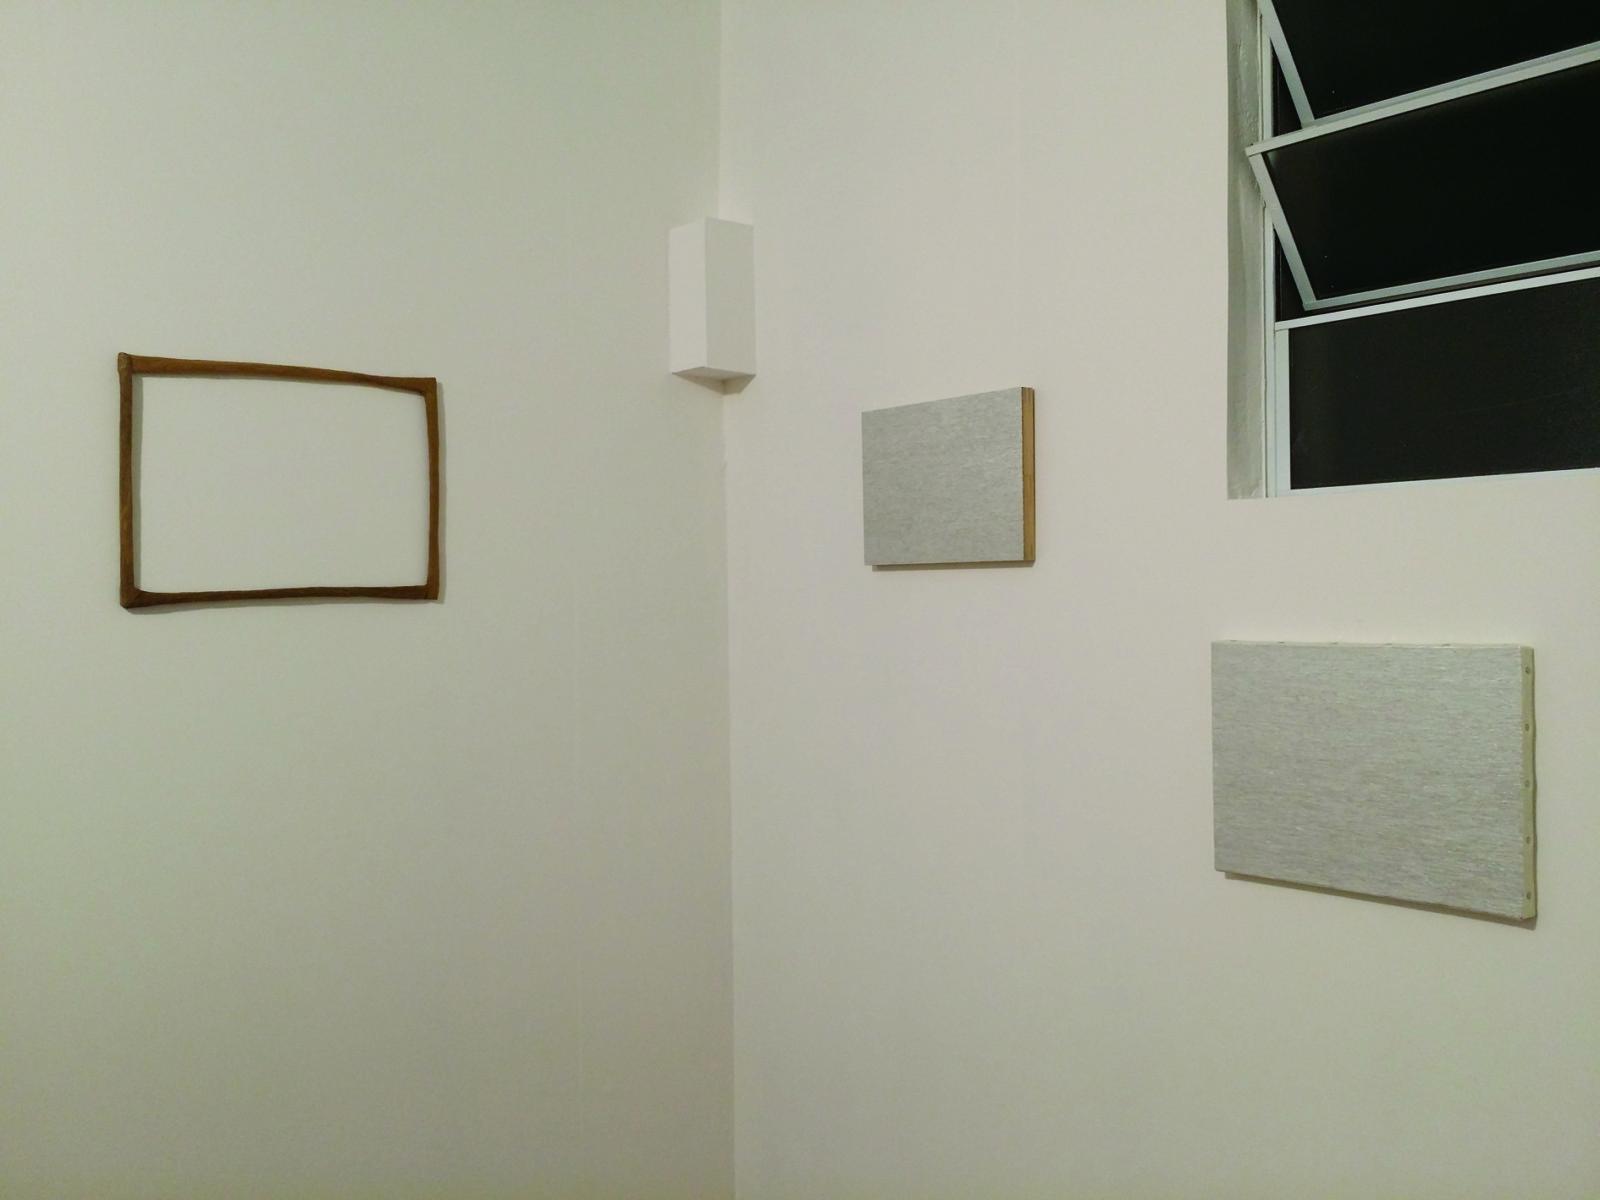 展示風景 2019  (左から《飾り》《図 −坂道−》《図 −こだま−》